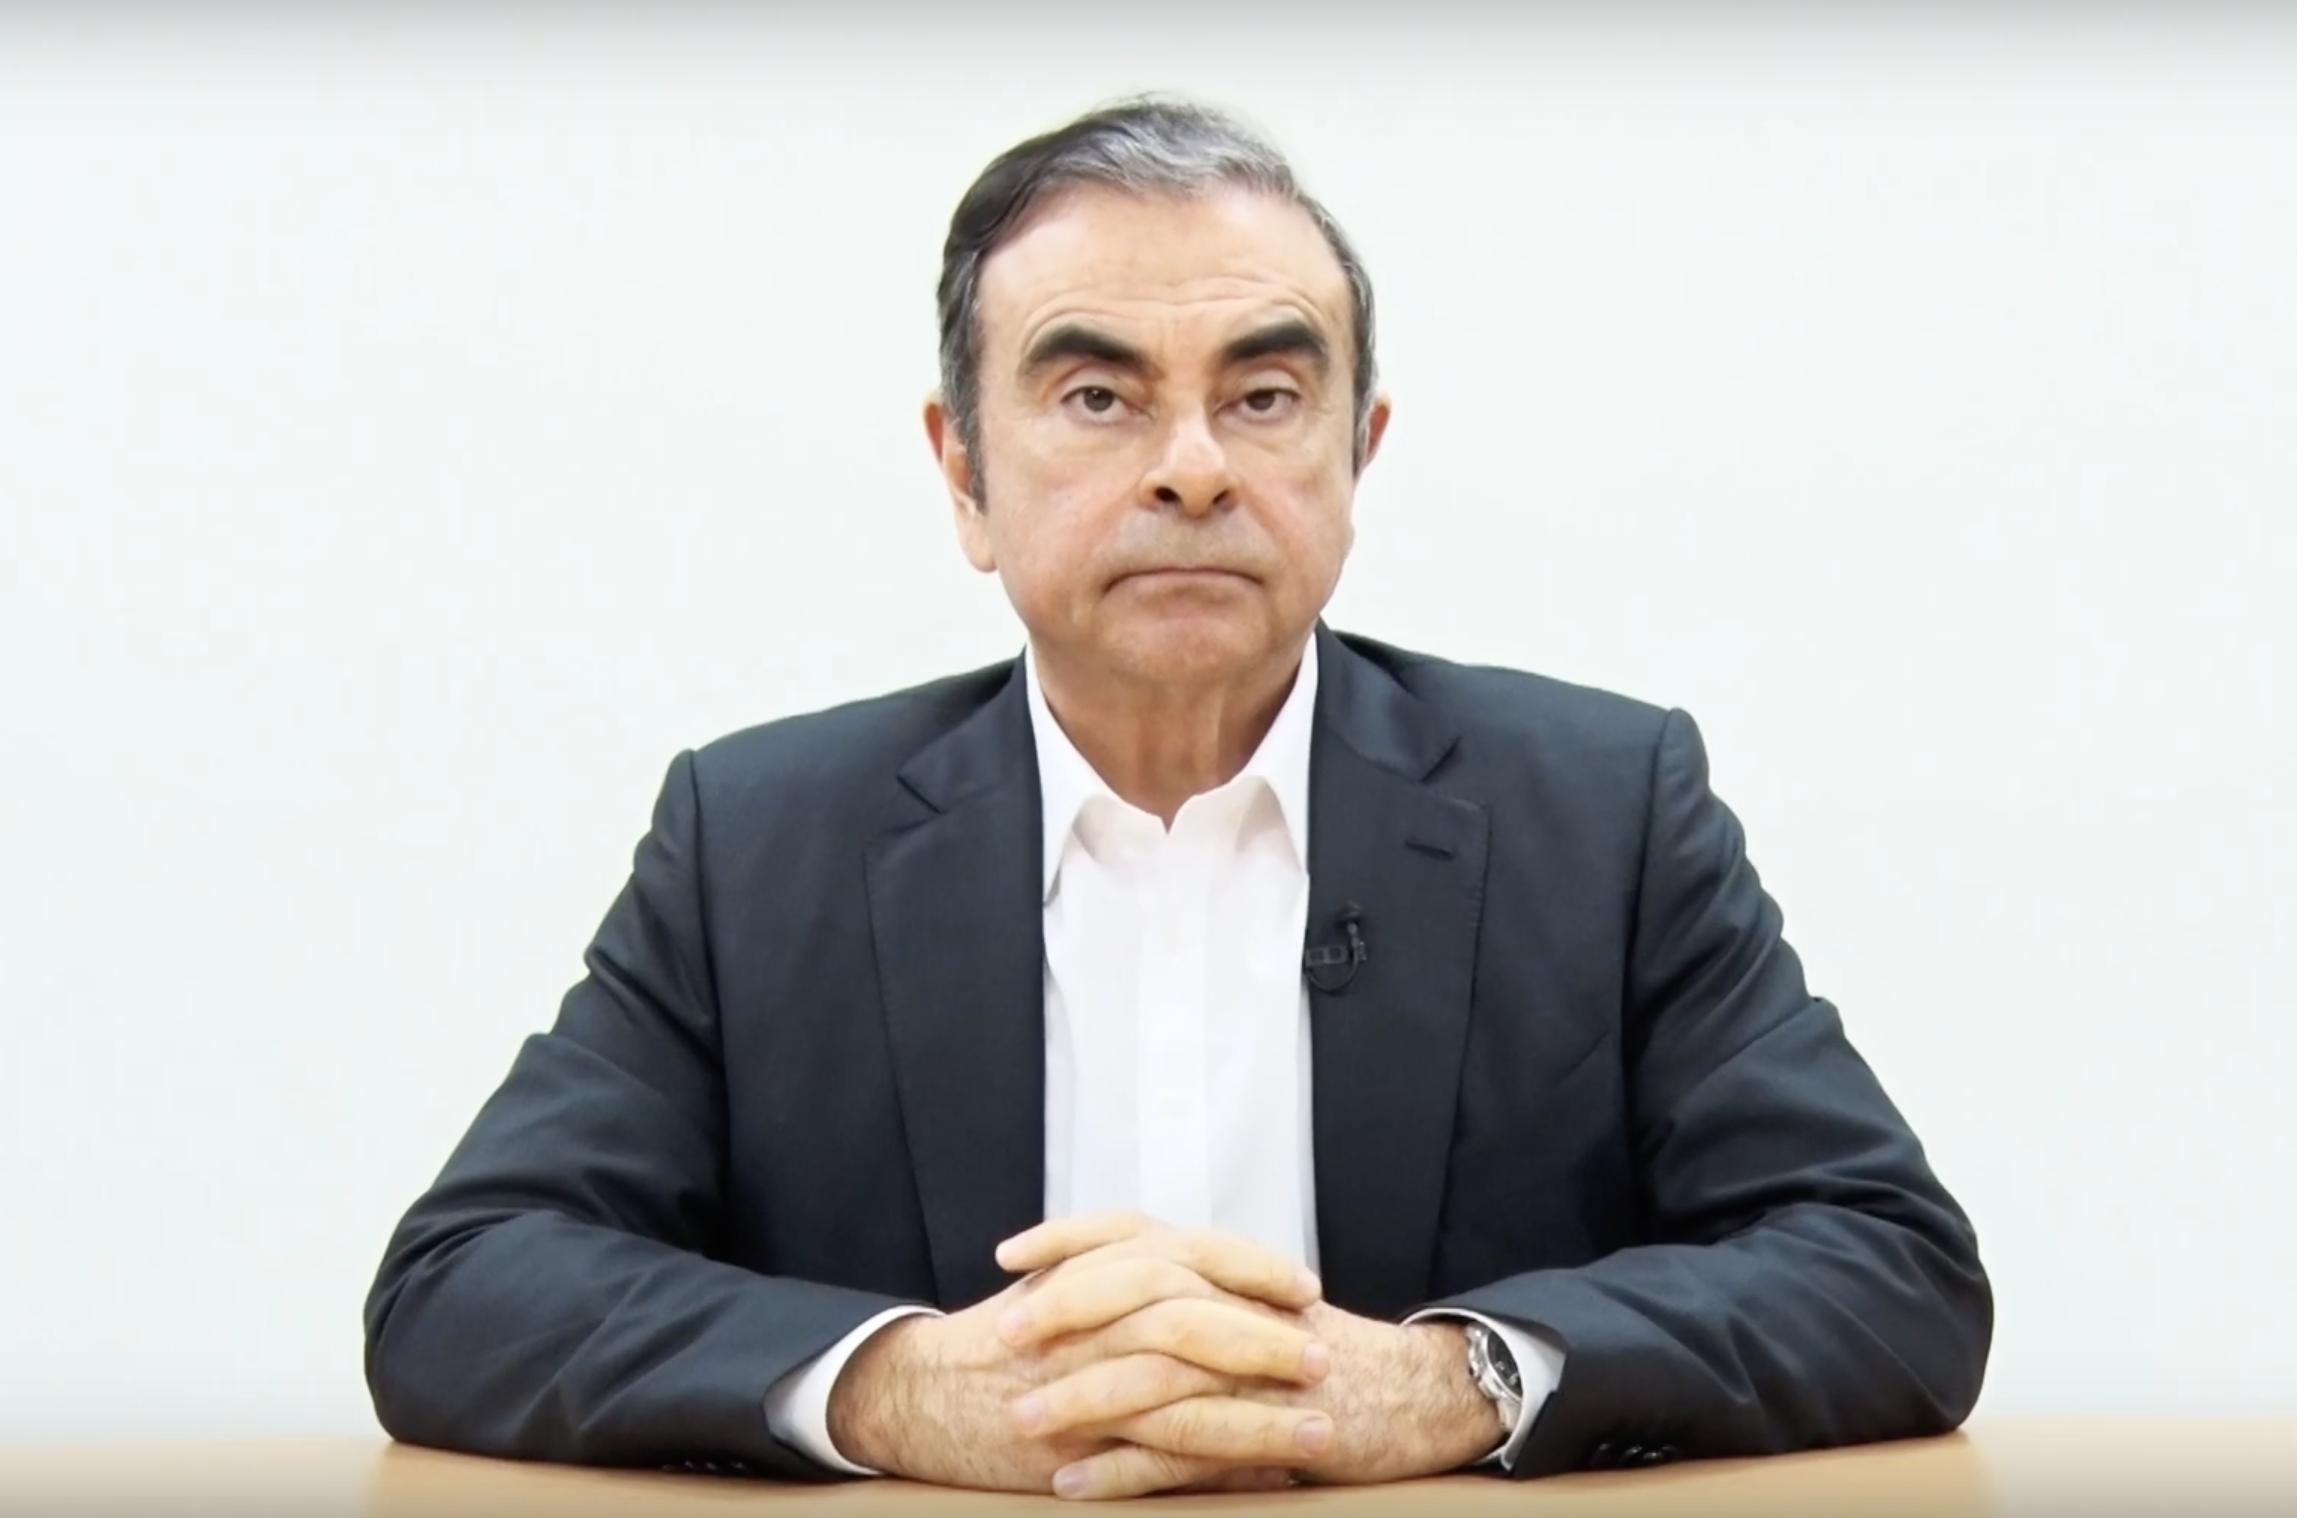 Карлос Гон опубликовал видеообращение, обвинив руководство Nissan в заговоре